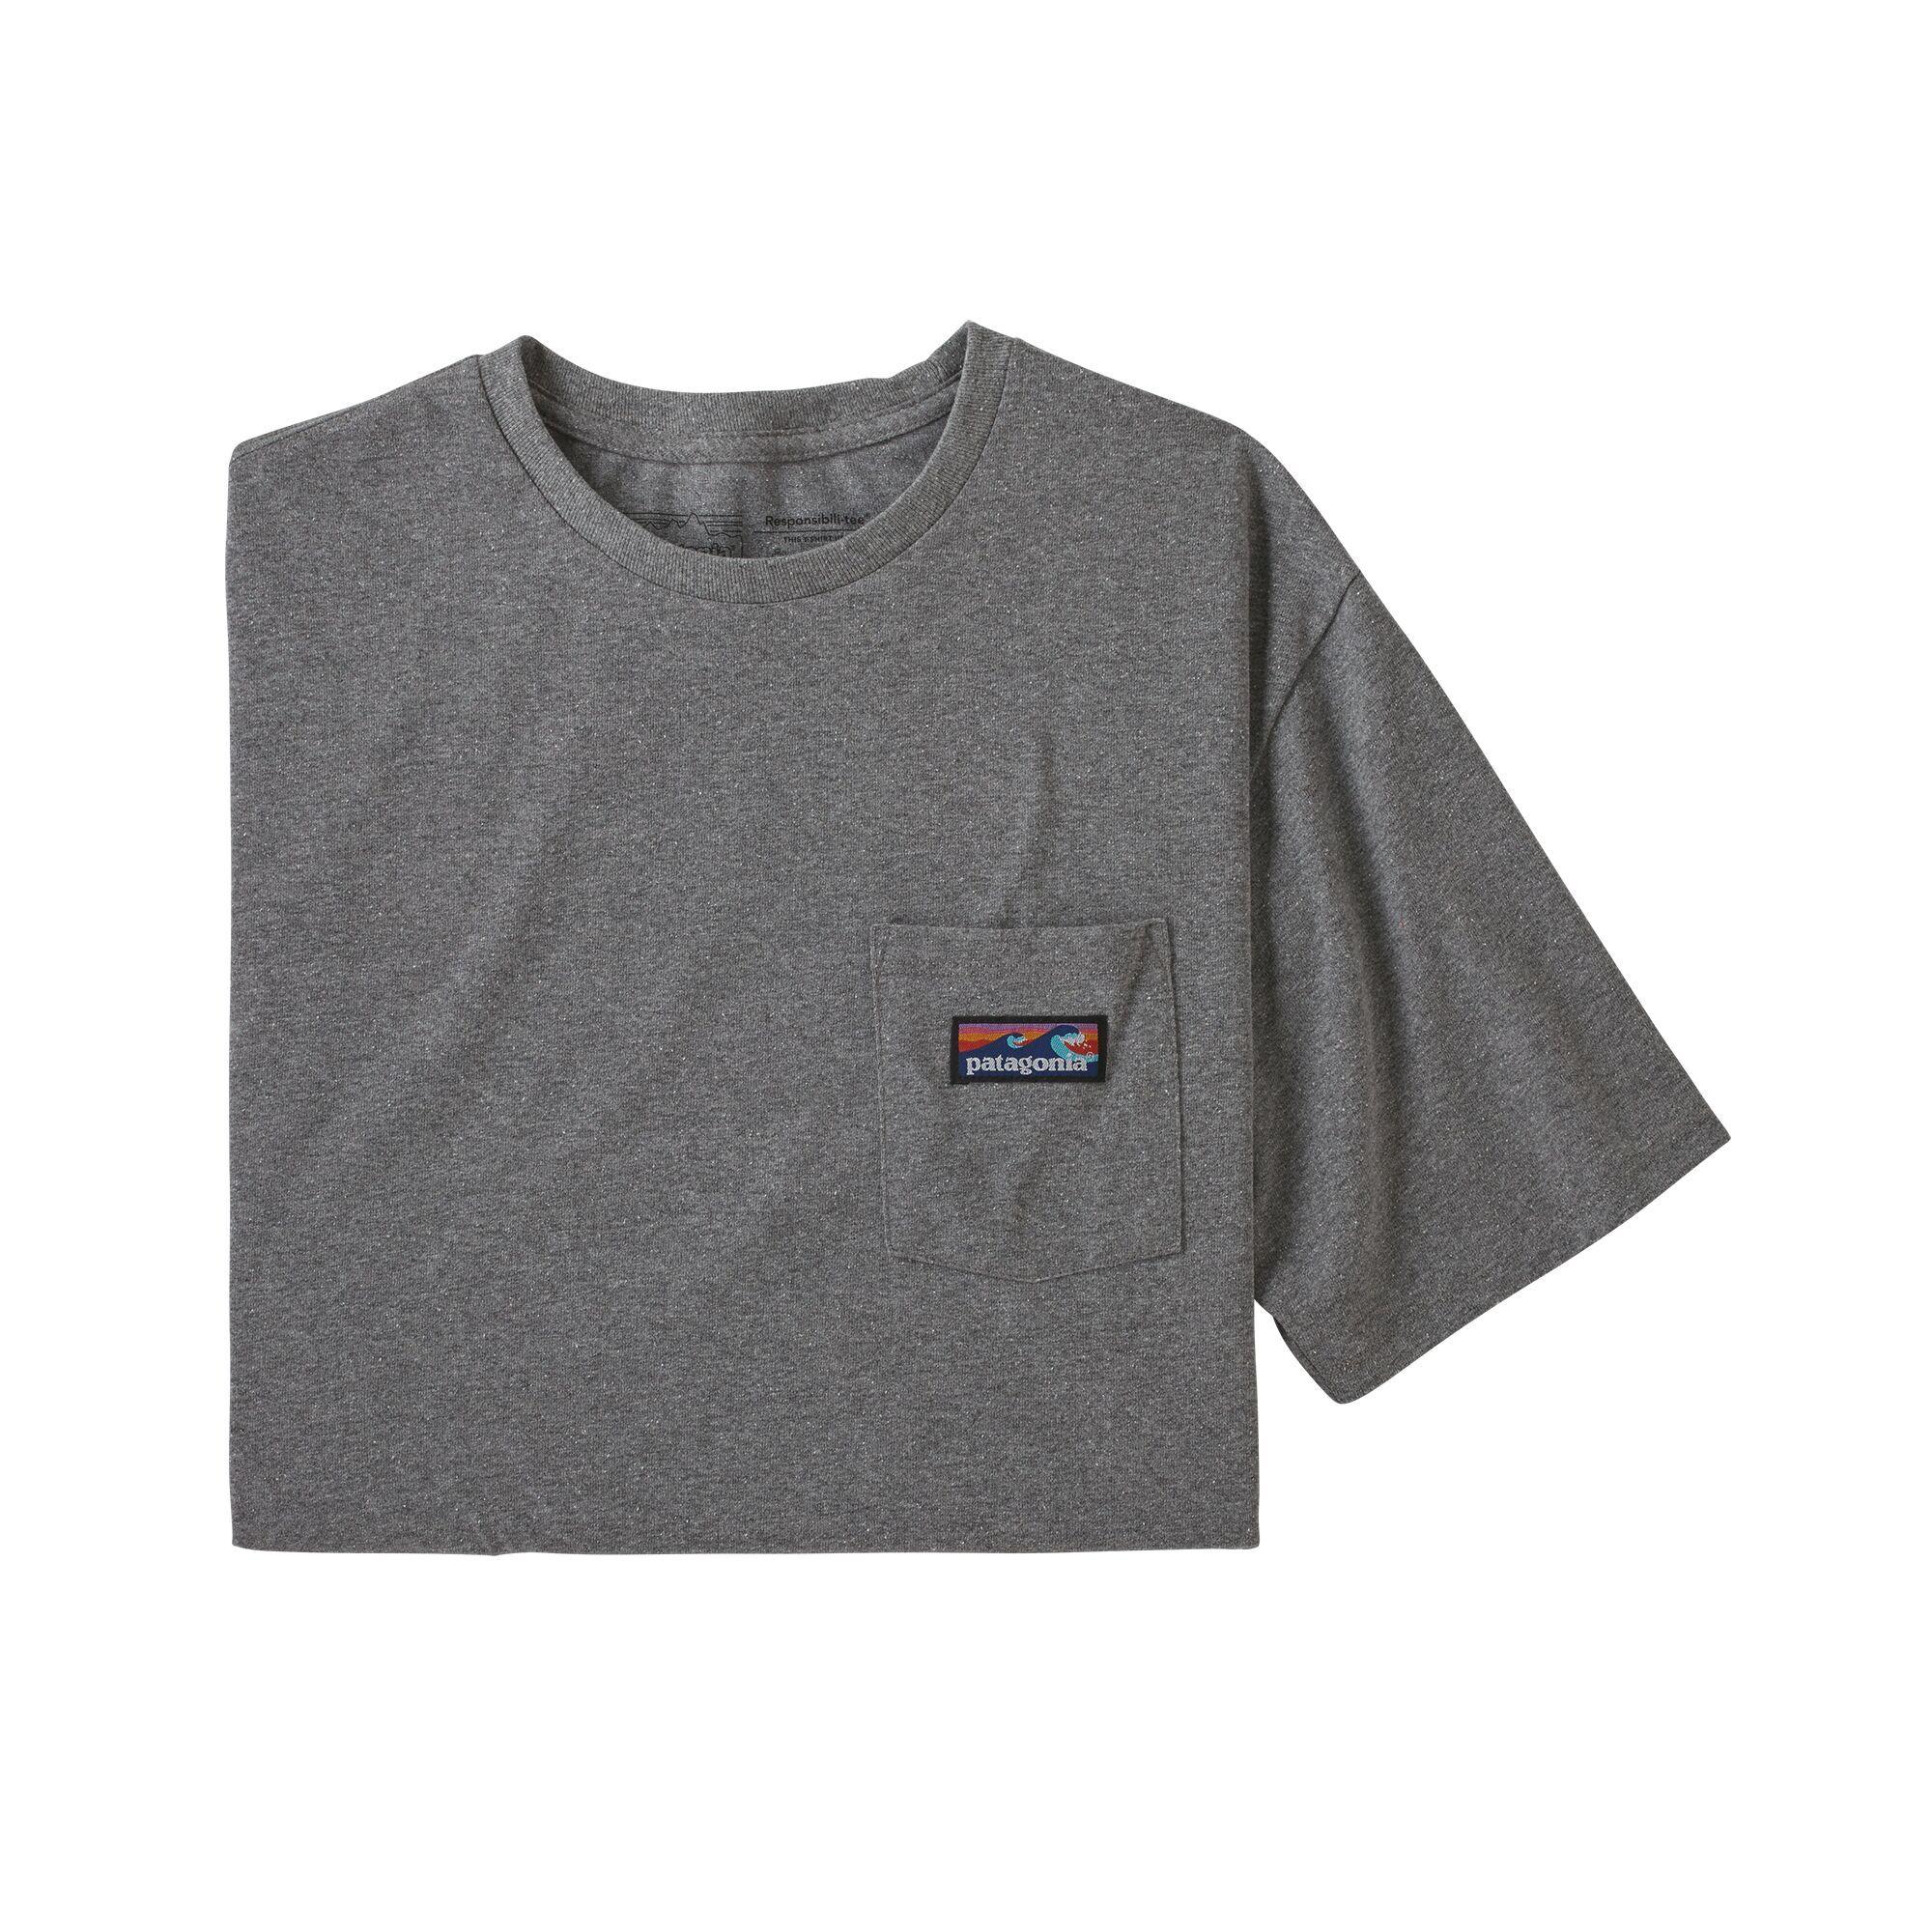 パタゴニア PATAGONIA Tシャツ 半袖 メンズ  ボードショーツ ラベル ポケット レスポンシビリティー 38510 Gravel Heather【正規取扱店】